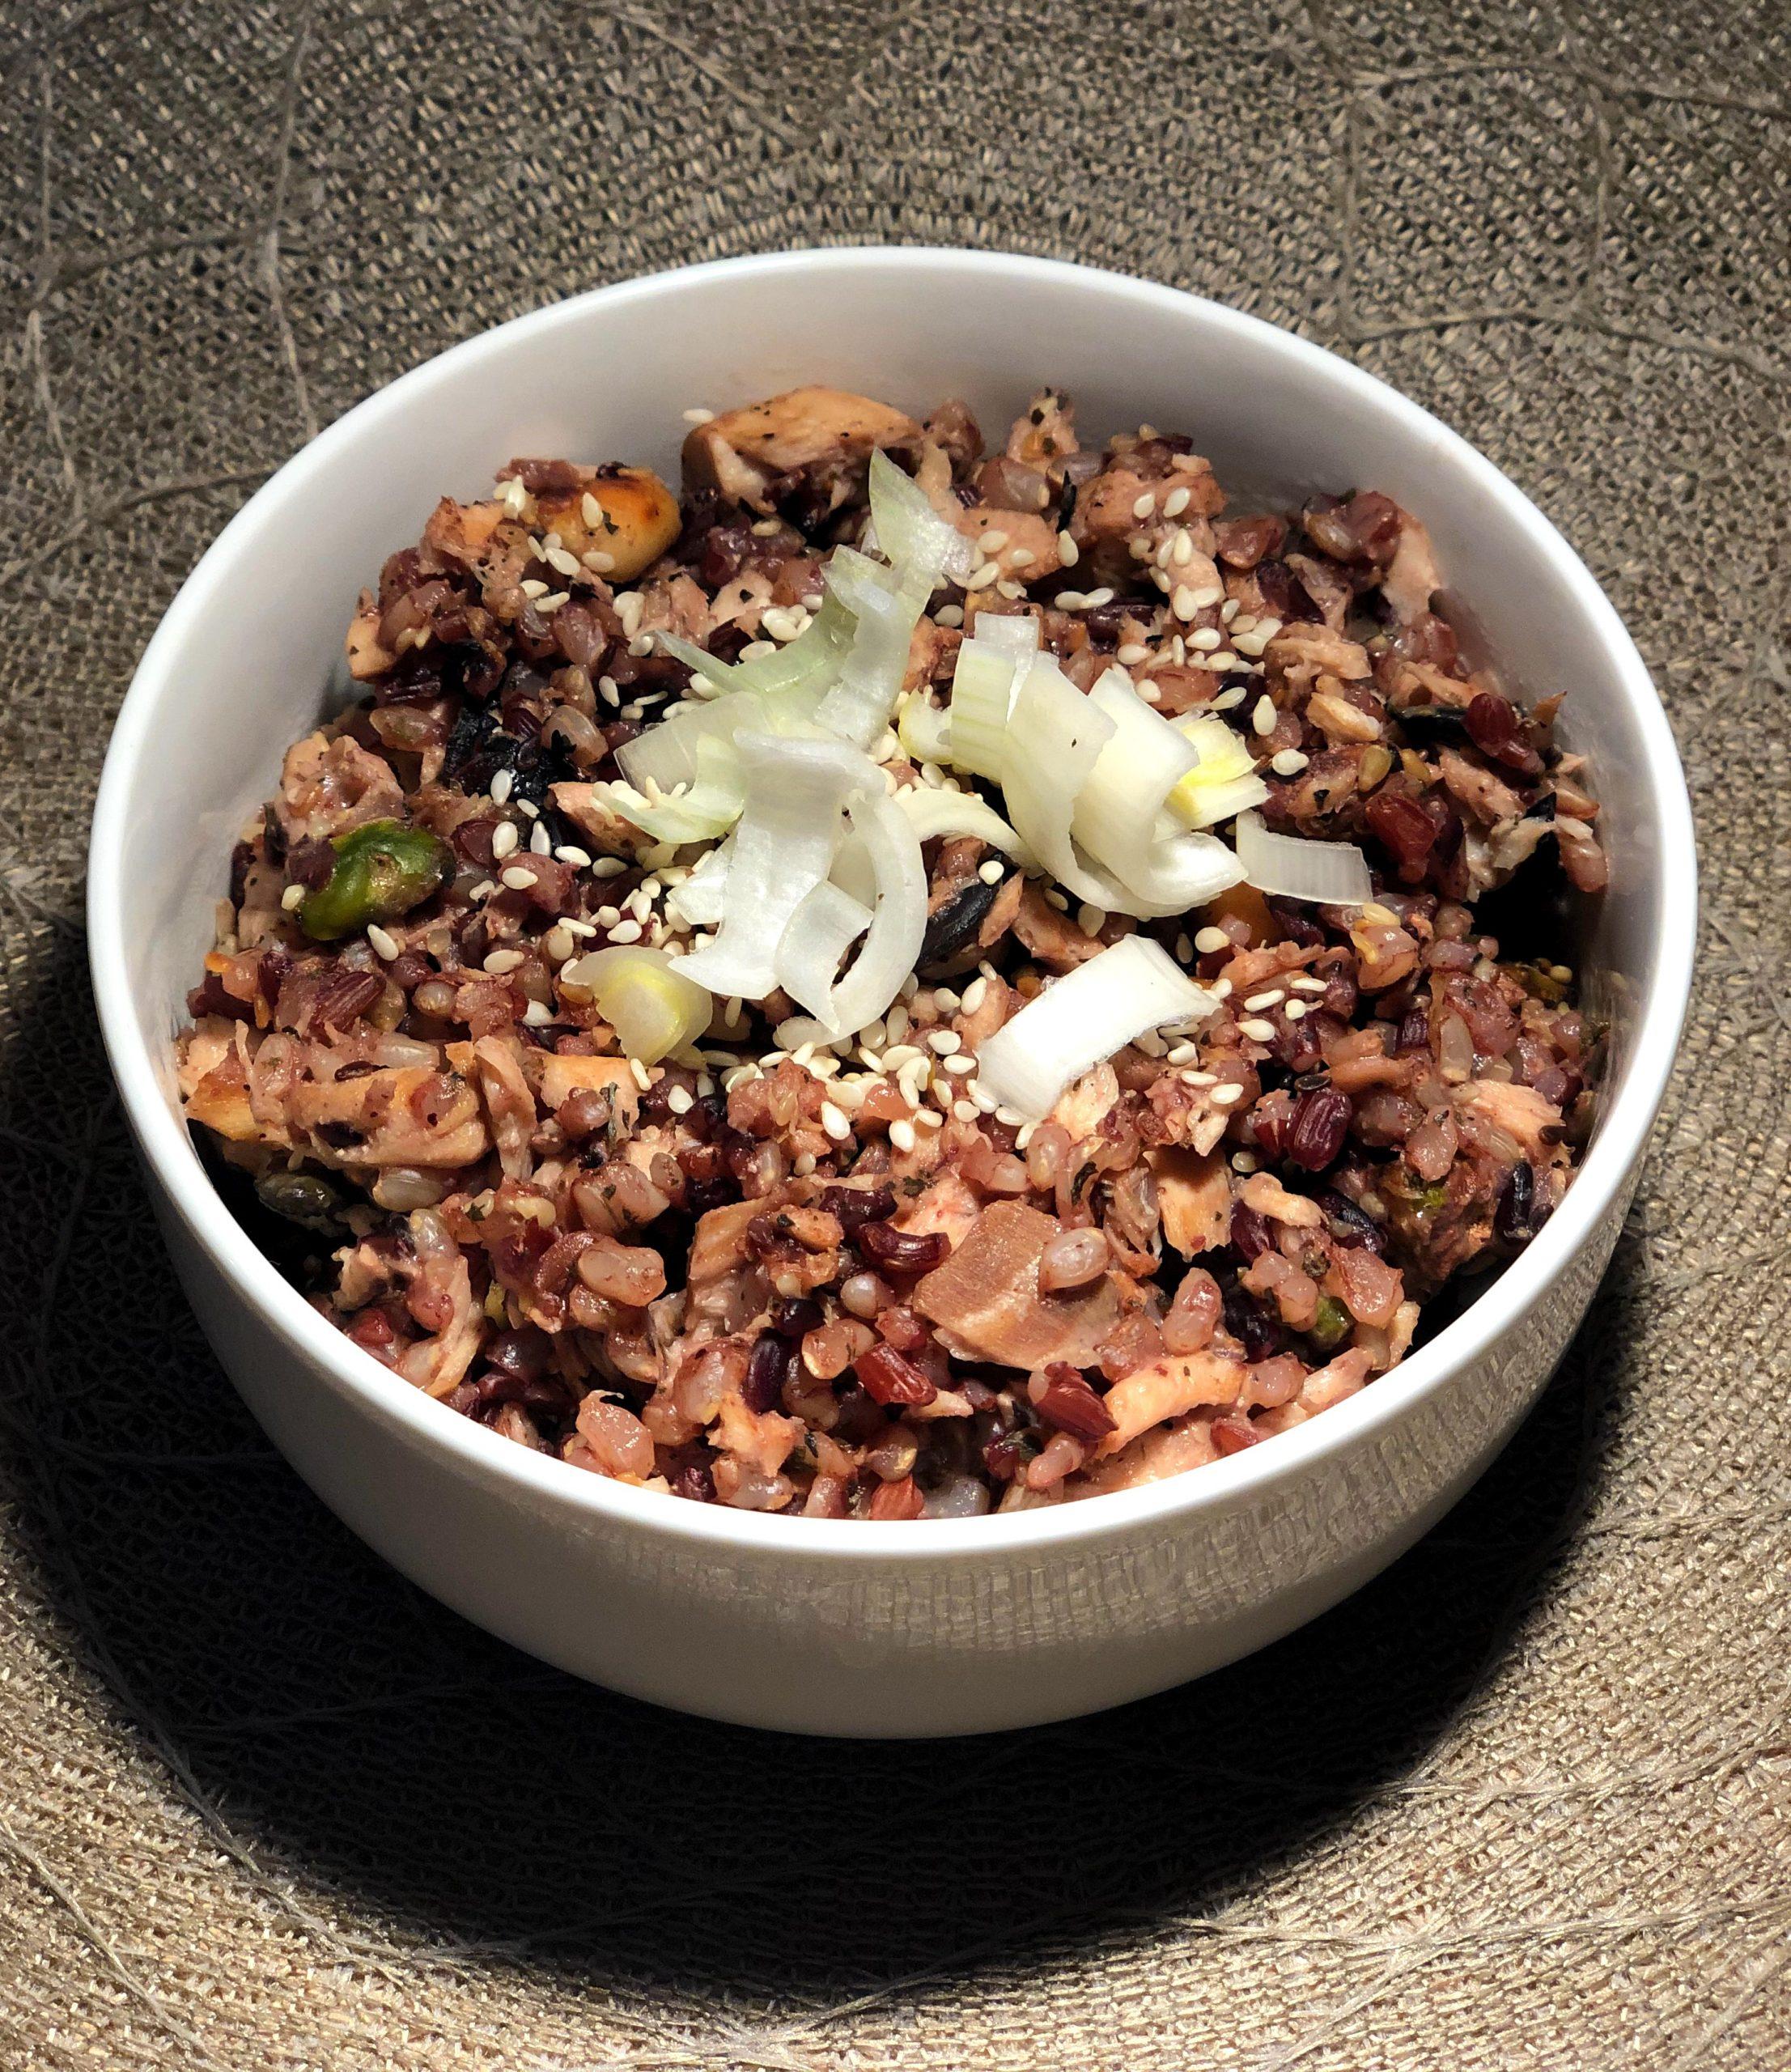 Trije riži z lososom, oreščki in s semeni